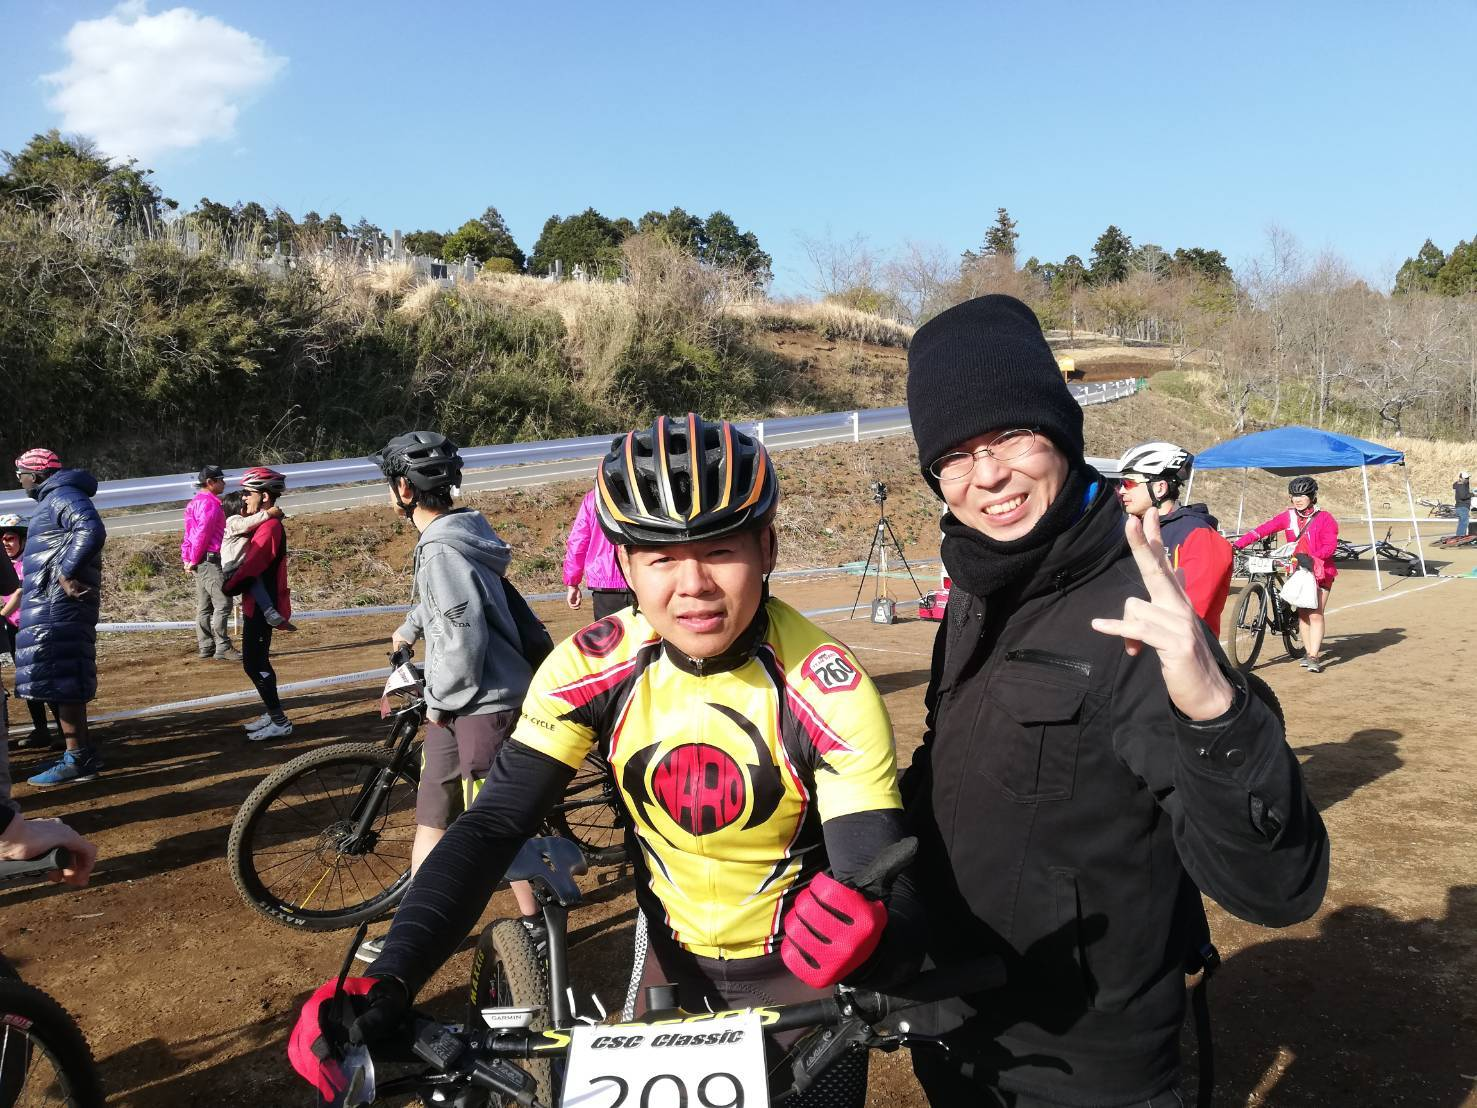 カワサキサイクリングクラブの活動_d0108817_16044932.jpg